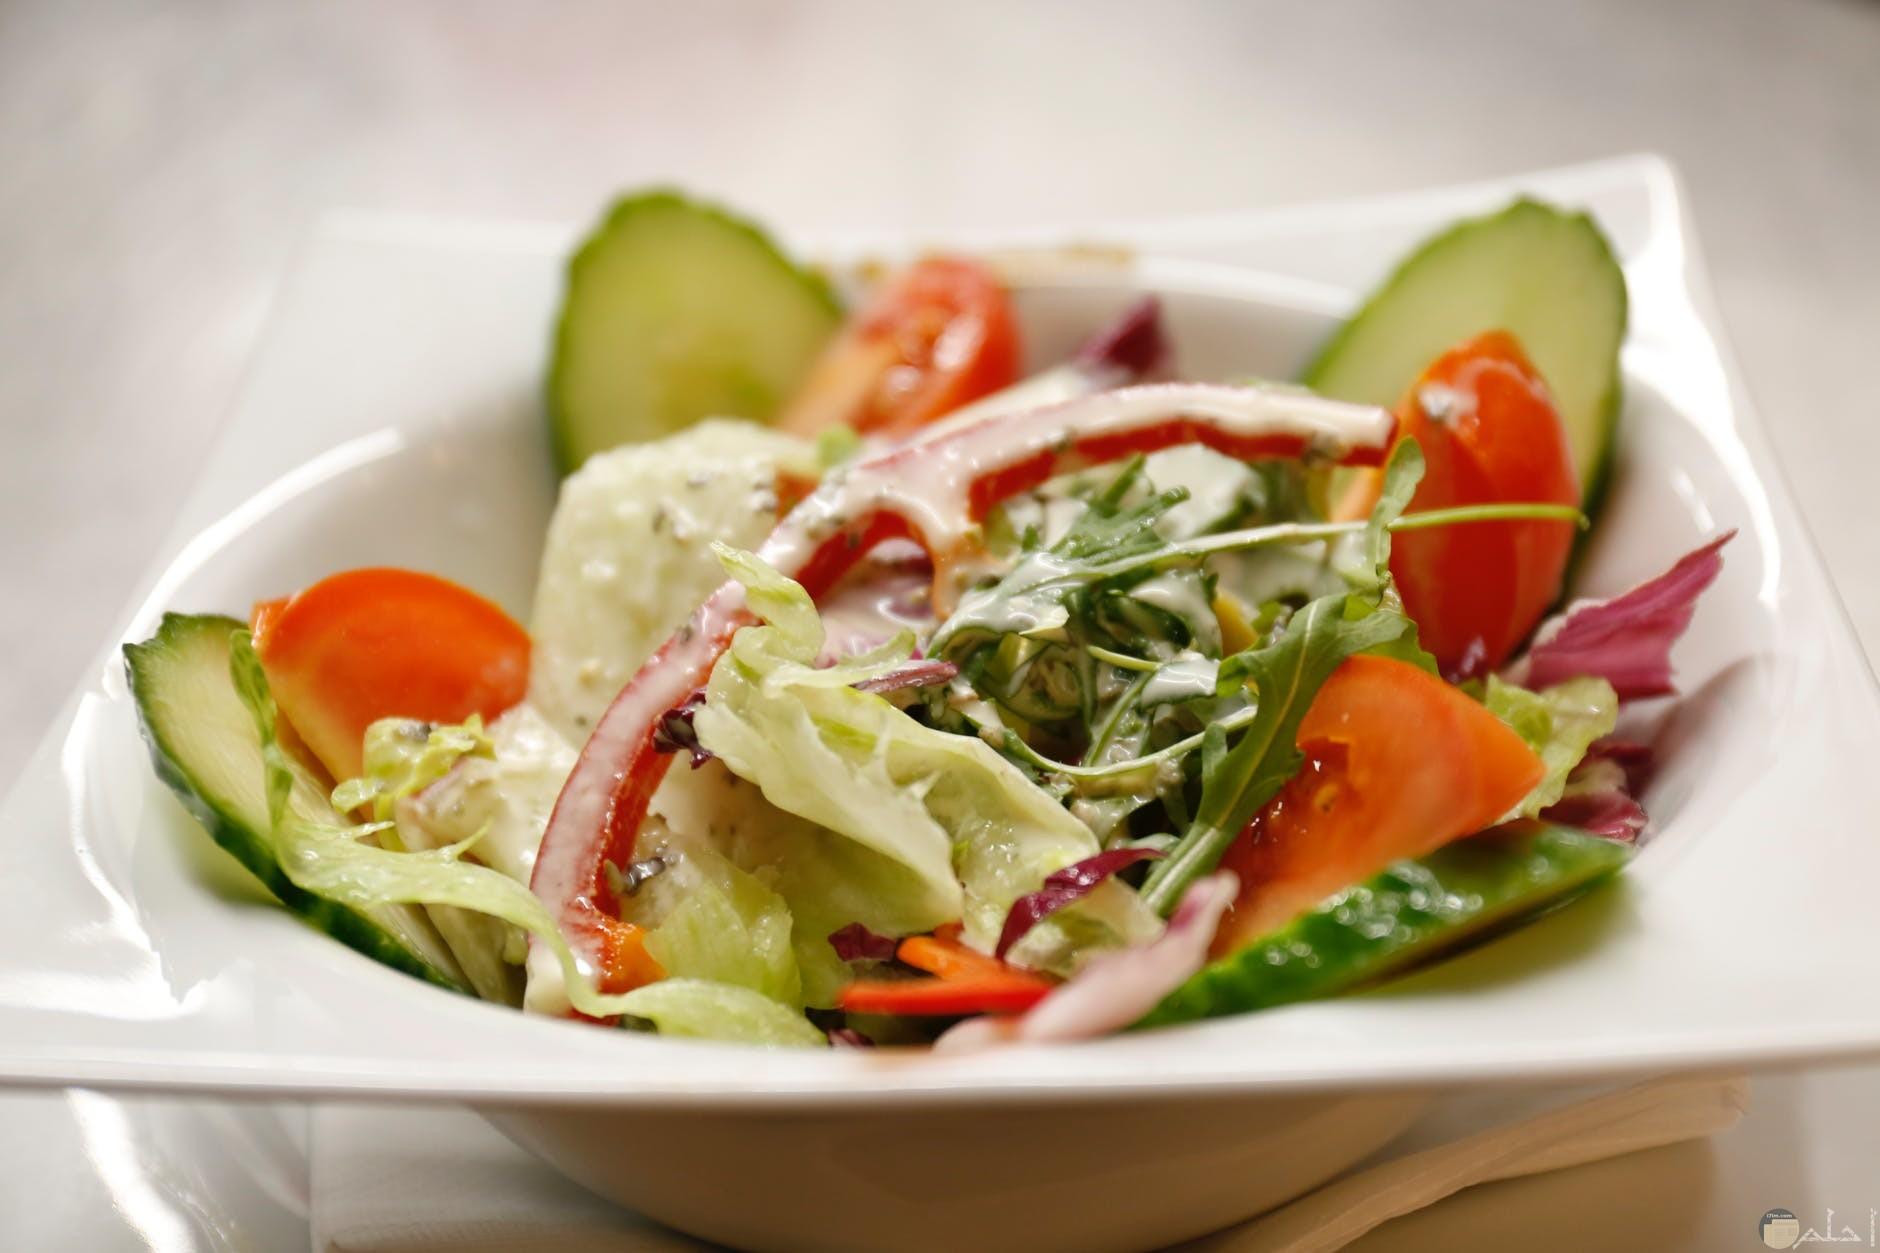 يتفنن الانسان في عمل الاكل الصحي والمفيد من الخضروات